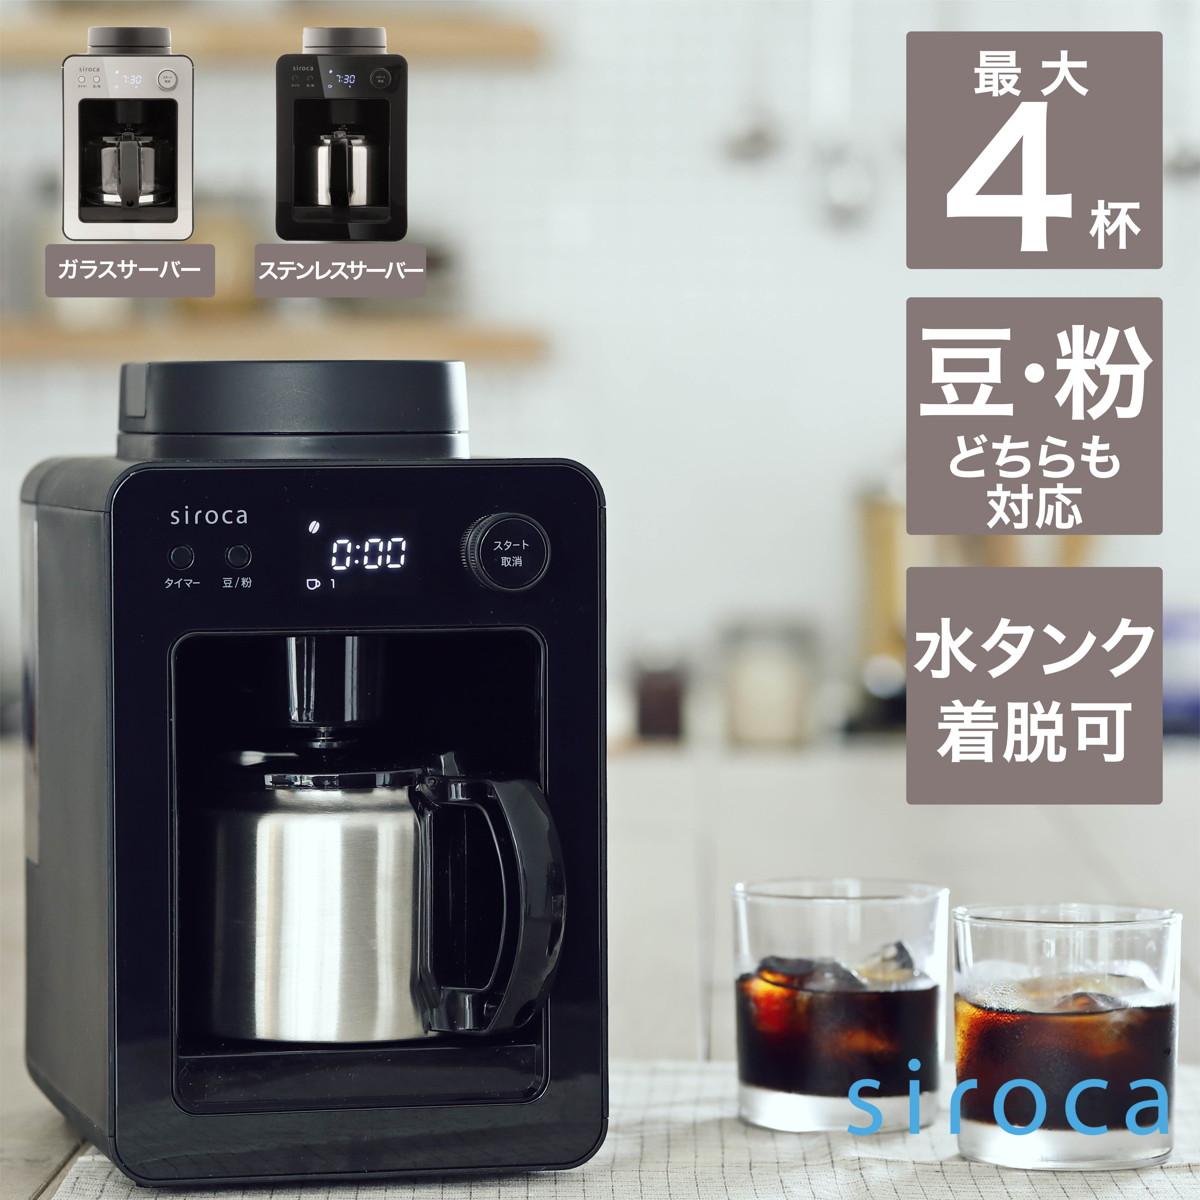 シロカ siroca 全自動コーヒーメーカー ブラック SC-A371(K)